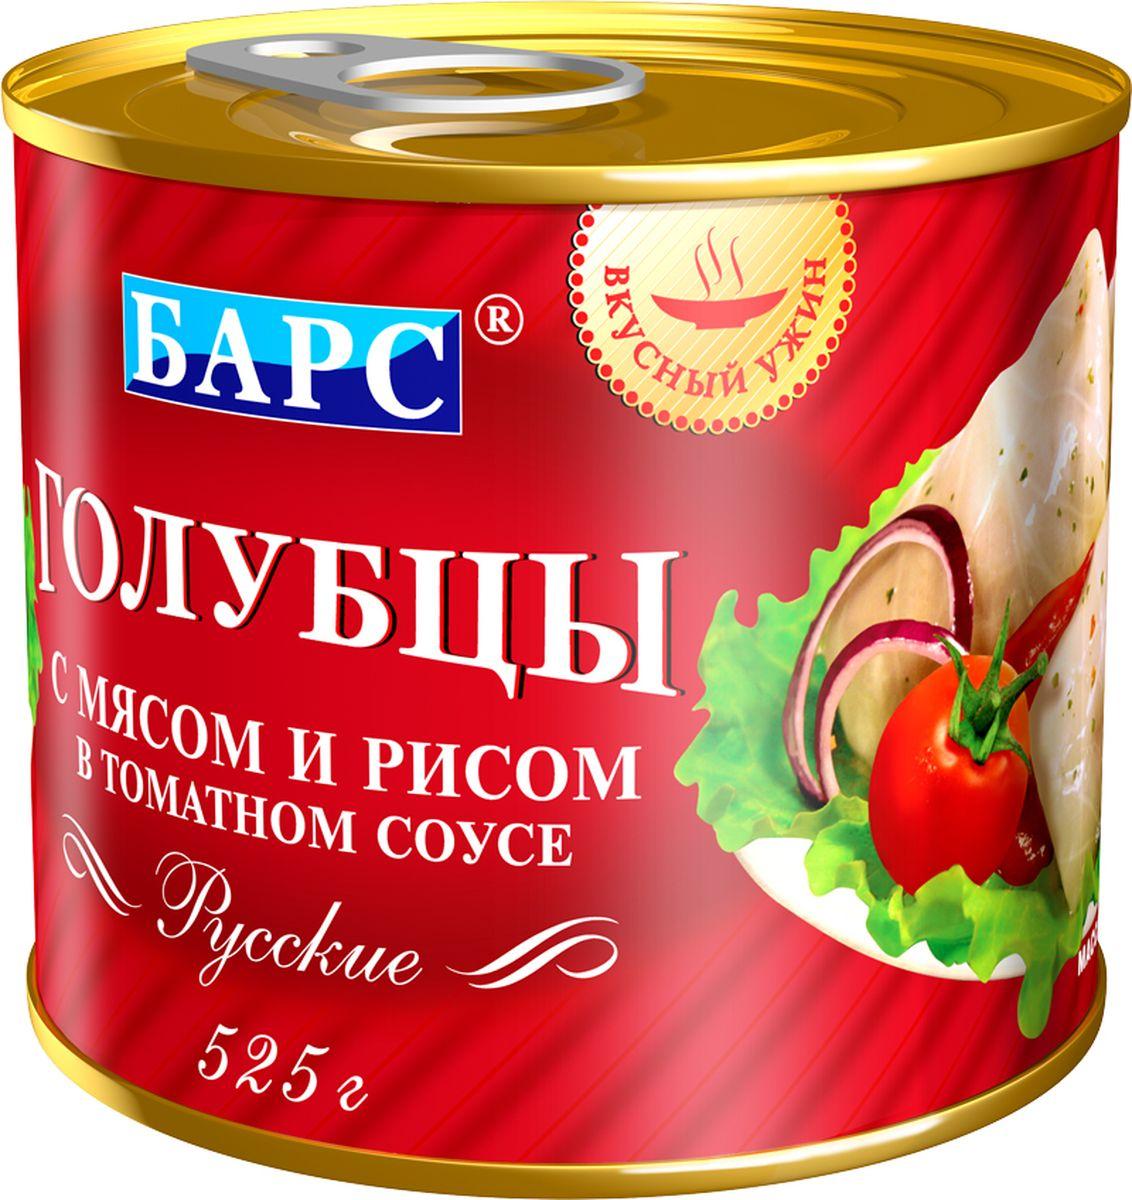 Вкусный ужин Барс голубцы с мясом и рисом в томатном соусе русские, 525 г0120710Компания Барс производит уникальную и исключительную по совим вкусовым качествам, серию вторых обеденных блюд. Готовое блюдо -Голубцы ленивые. Быстрый прекус. Это действительно Вкусно по Домашнему!